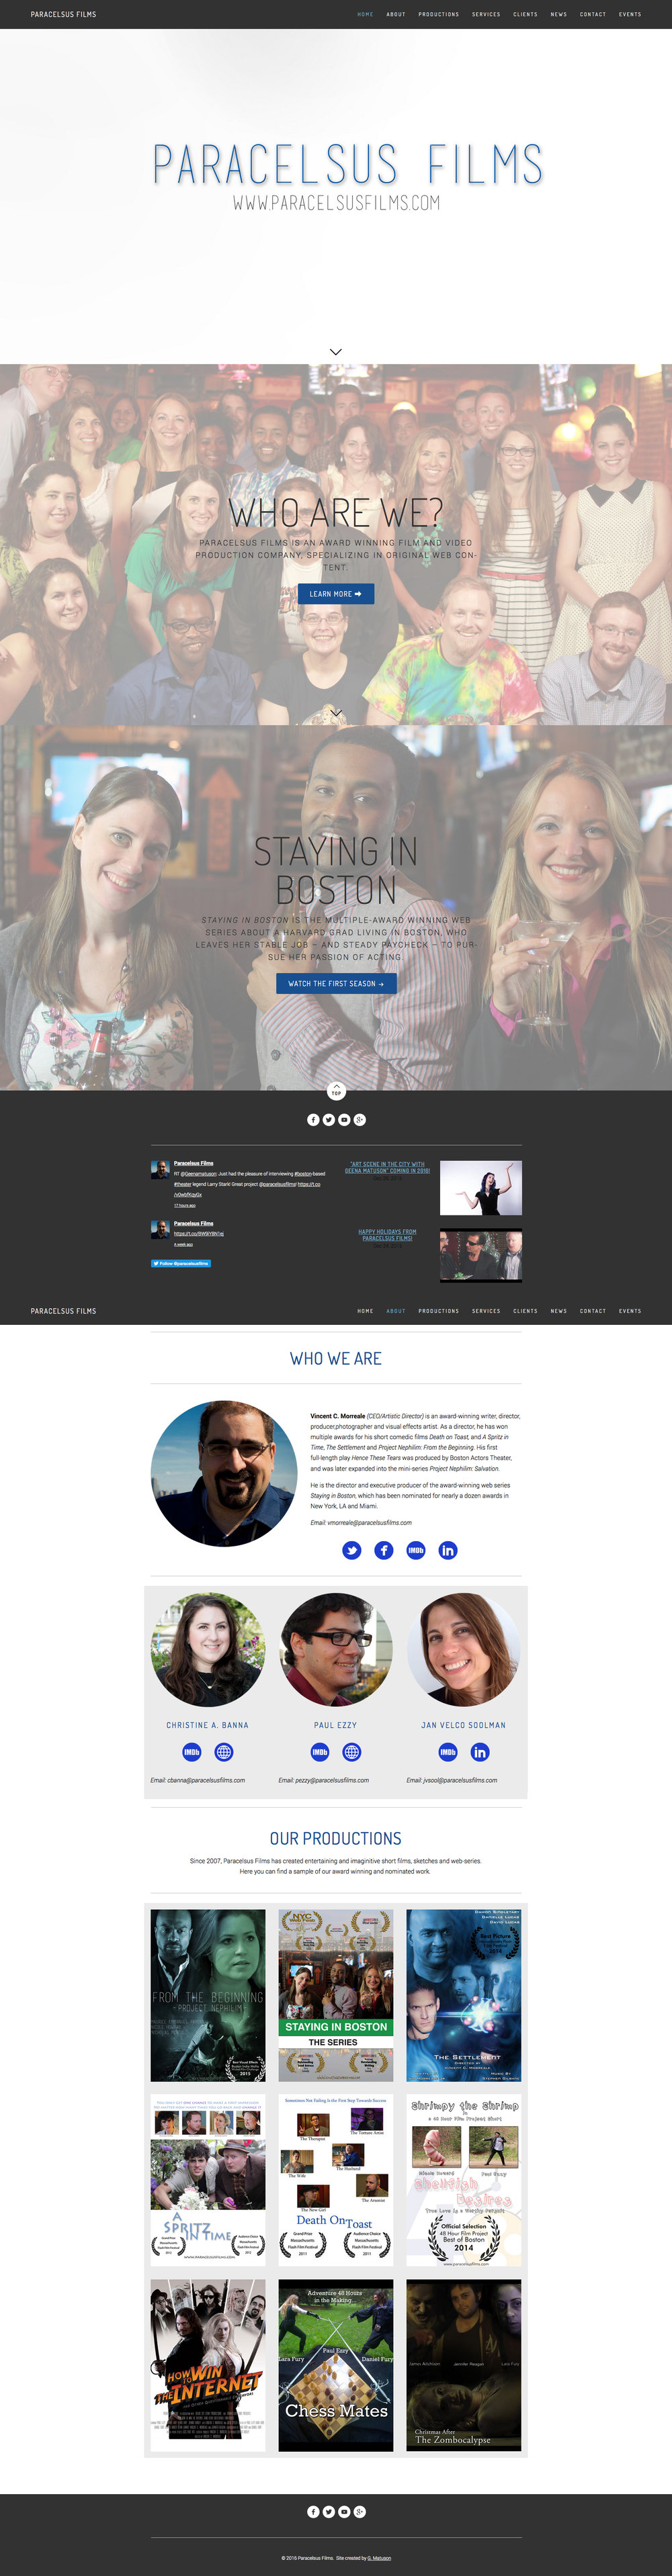 Overview of Paracelsus Films website design by Geena Matuson @geenamatuson #thegirlmirage